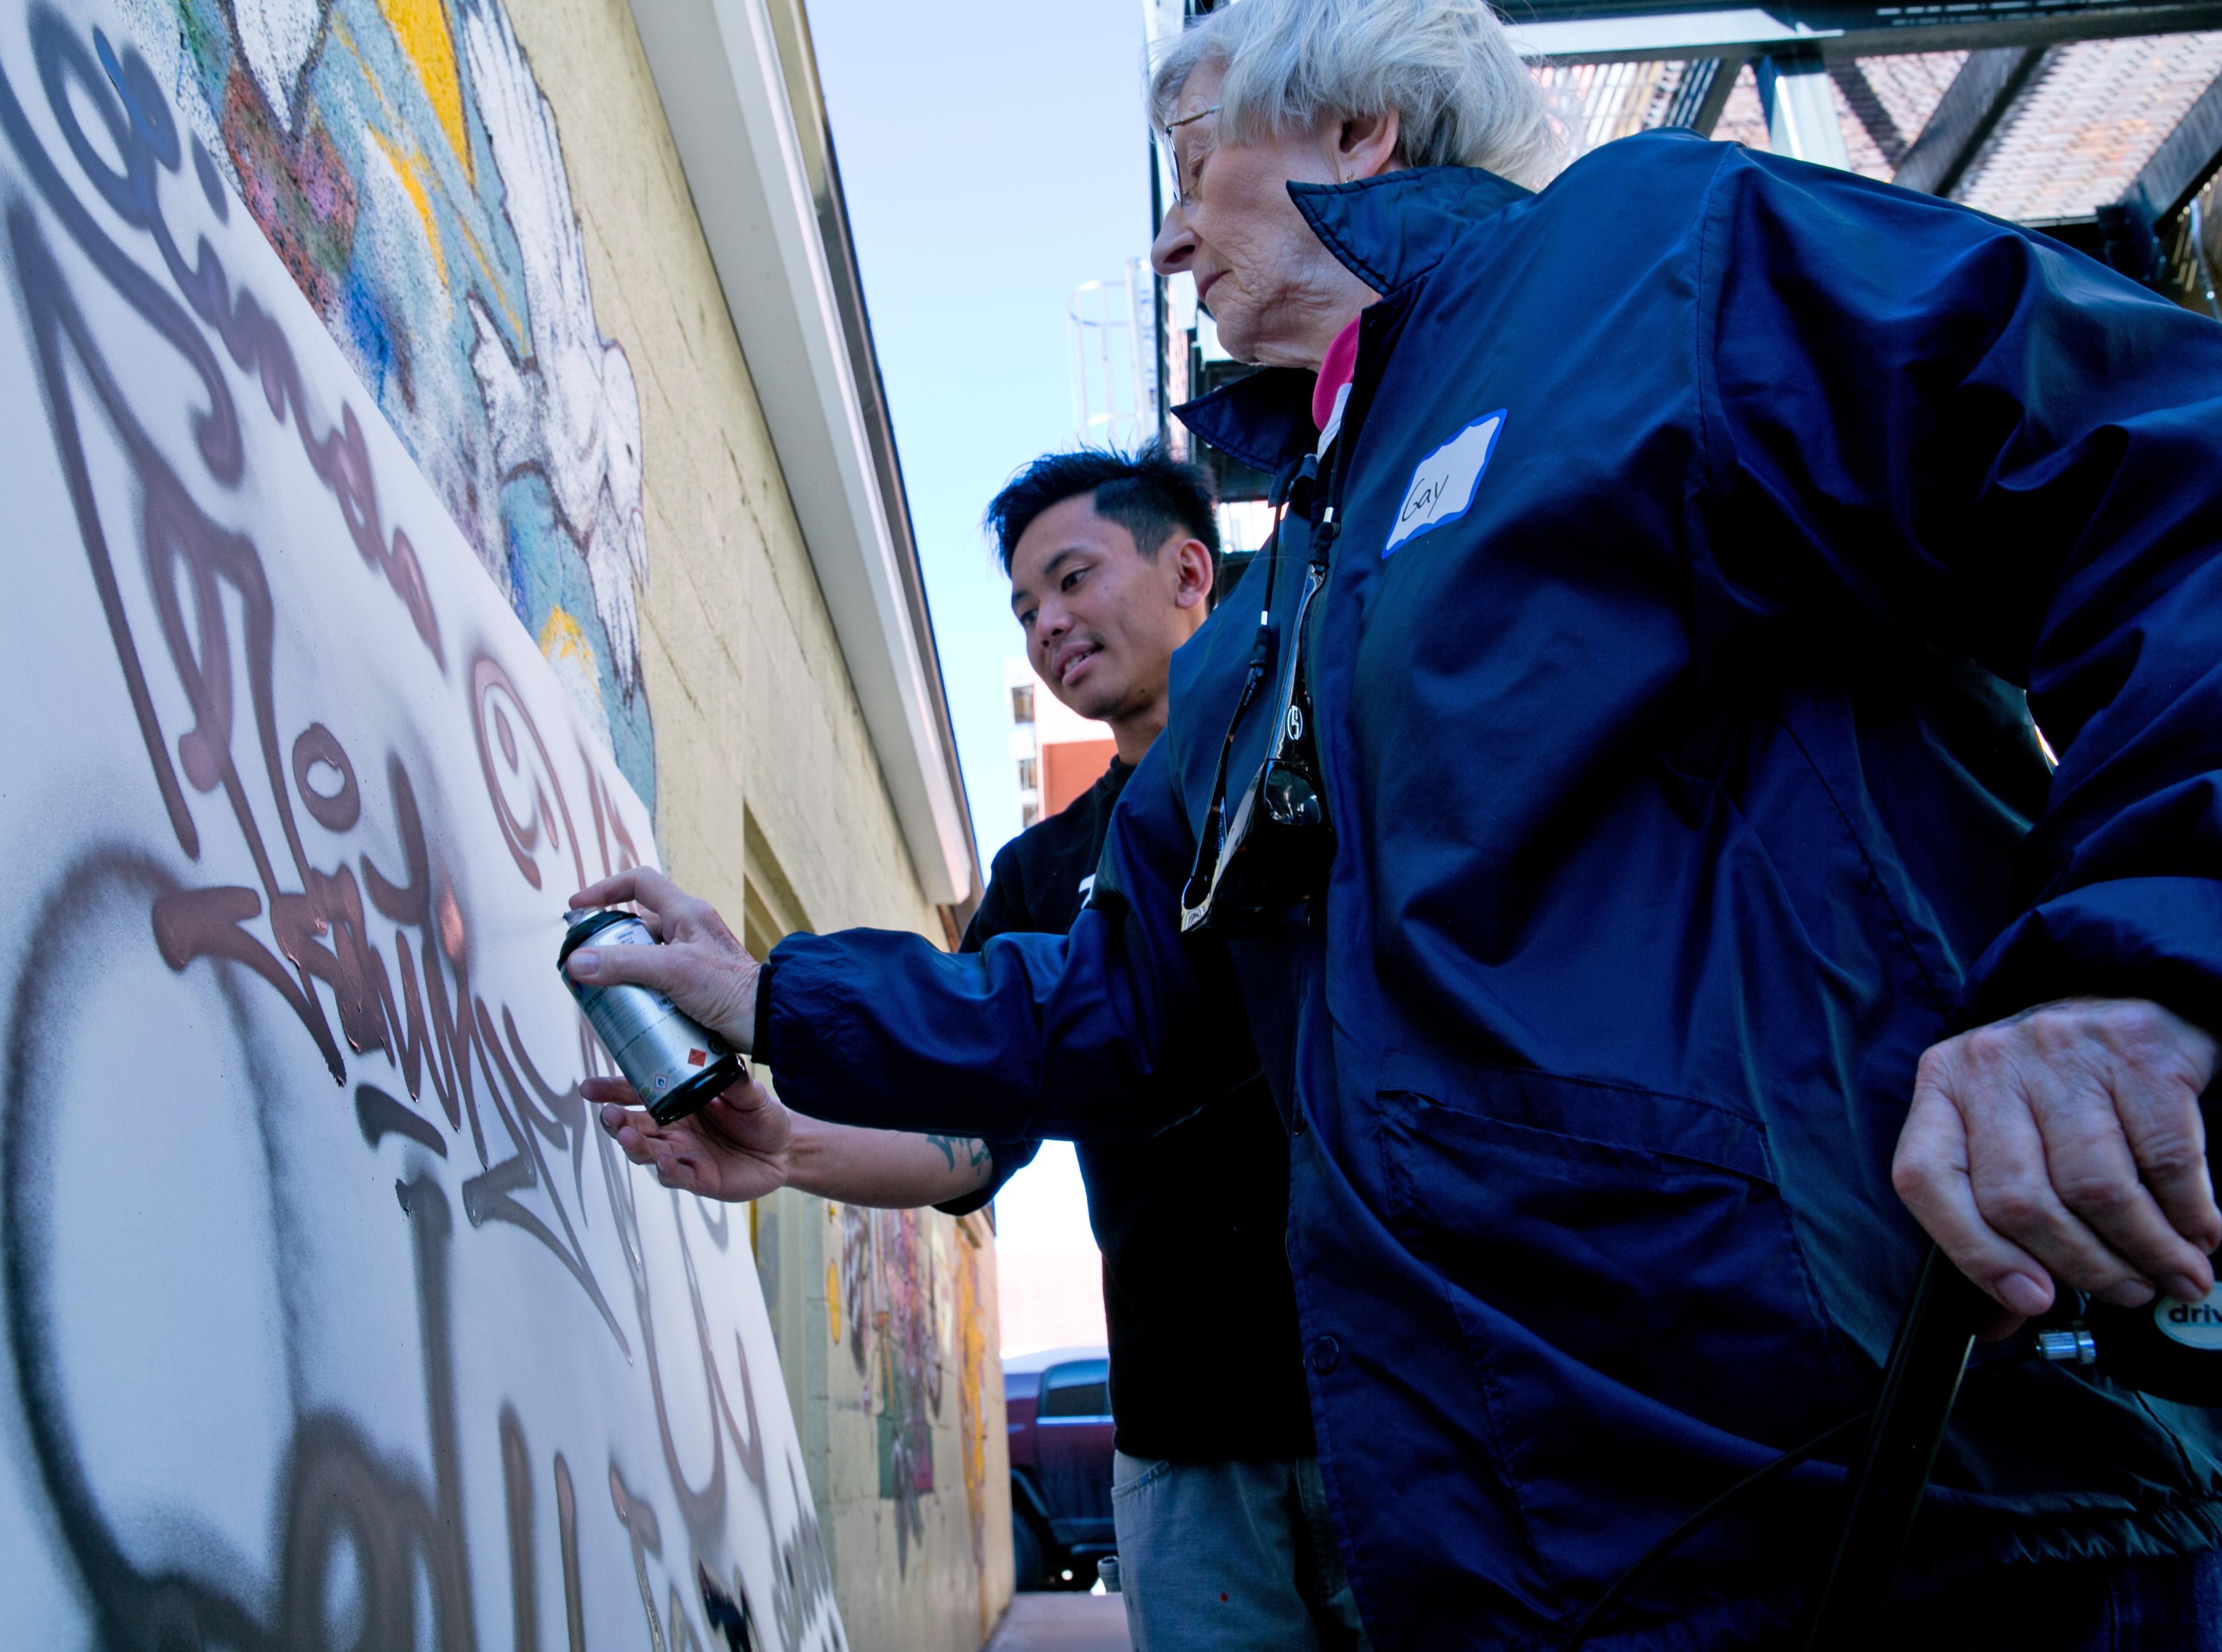 Photo: Granny Does Graffiti at VSA Gallery 3